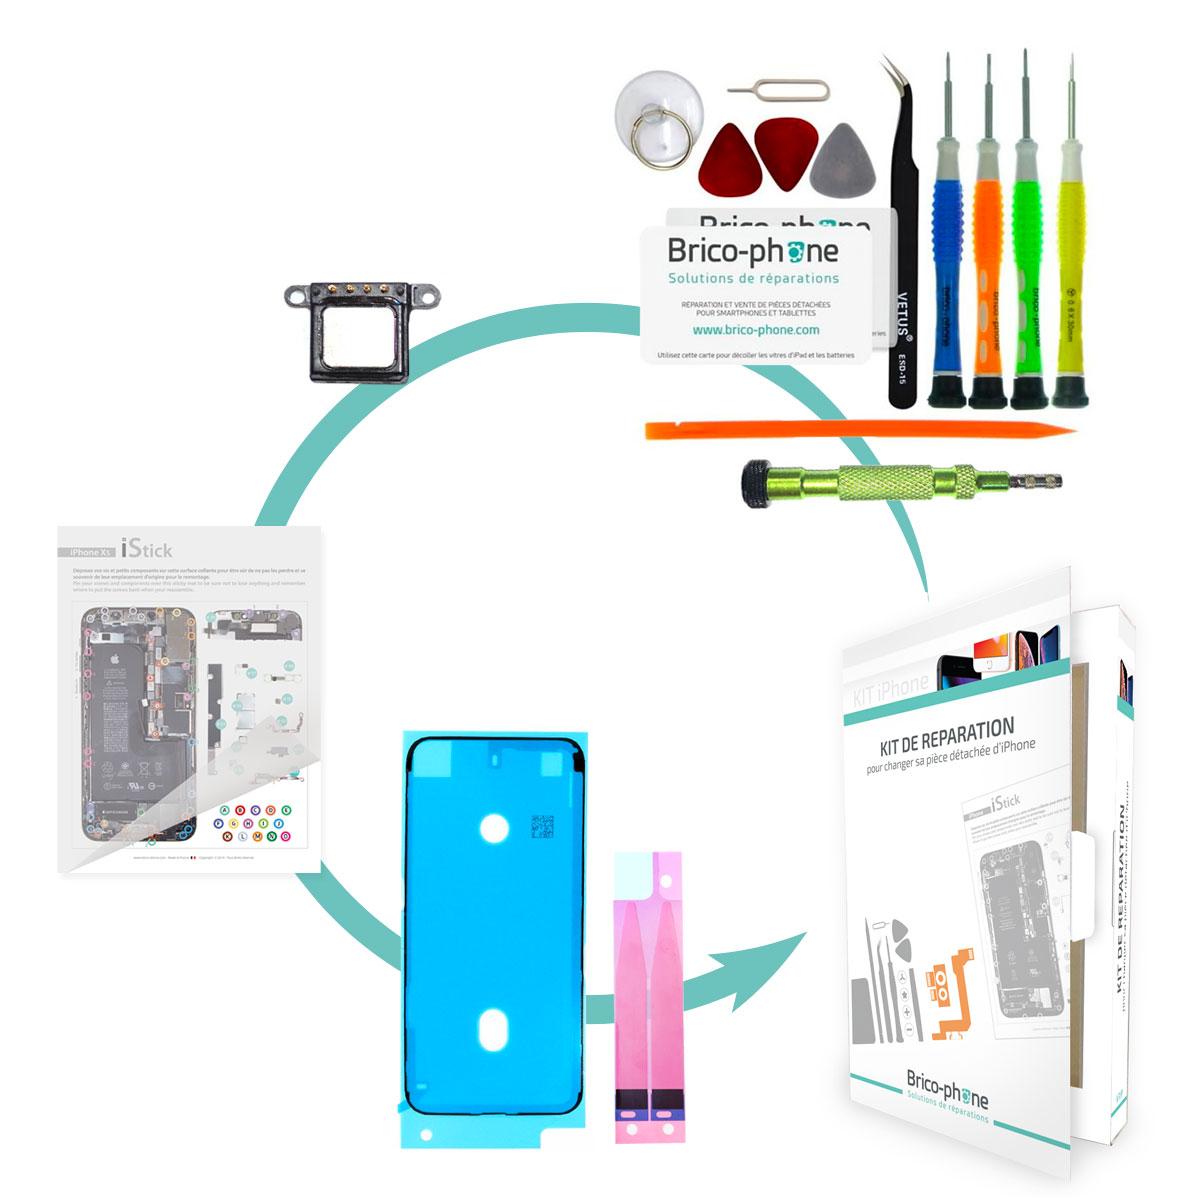 Kit Brico-phone pour changer le haut parleur interne iPhone 6S